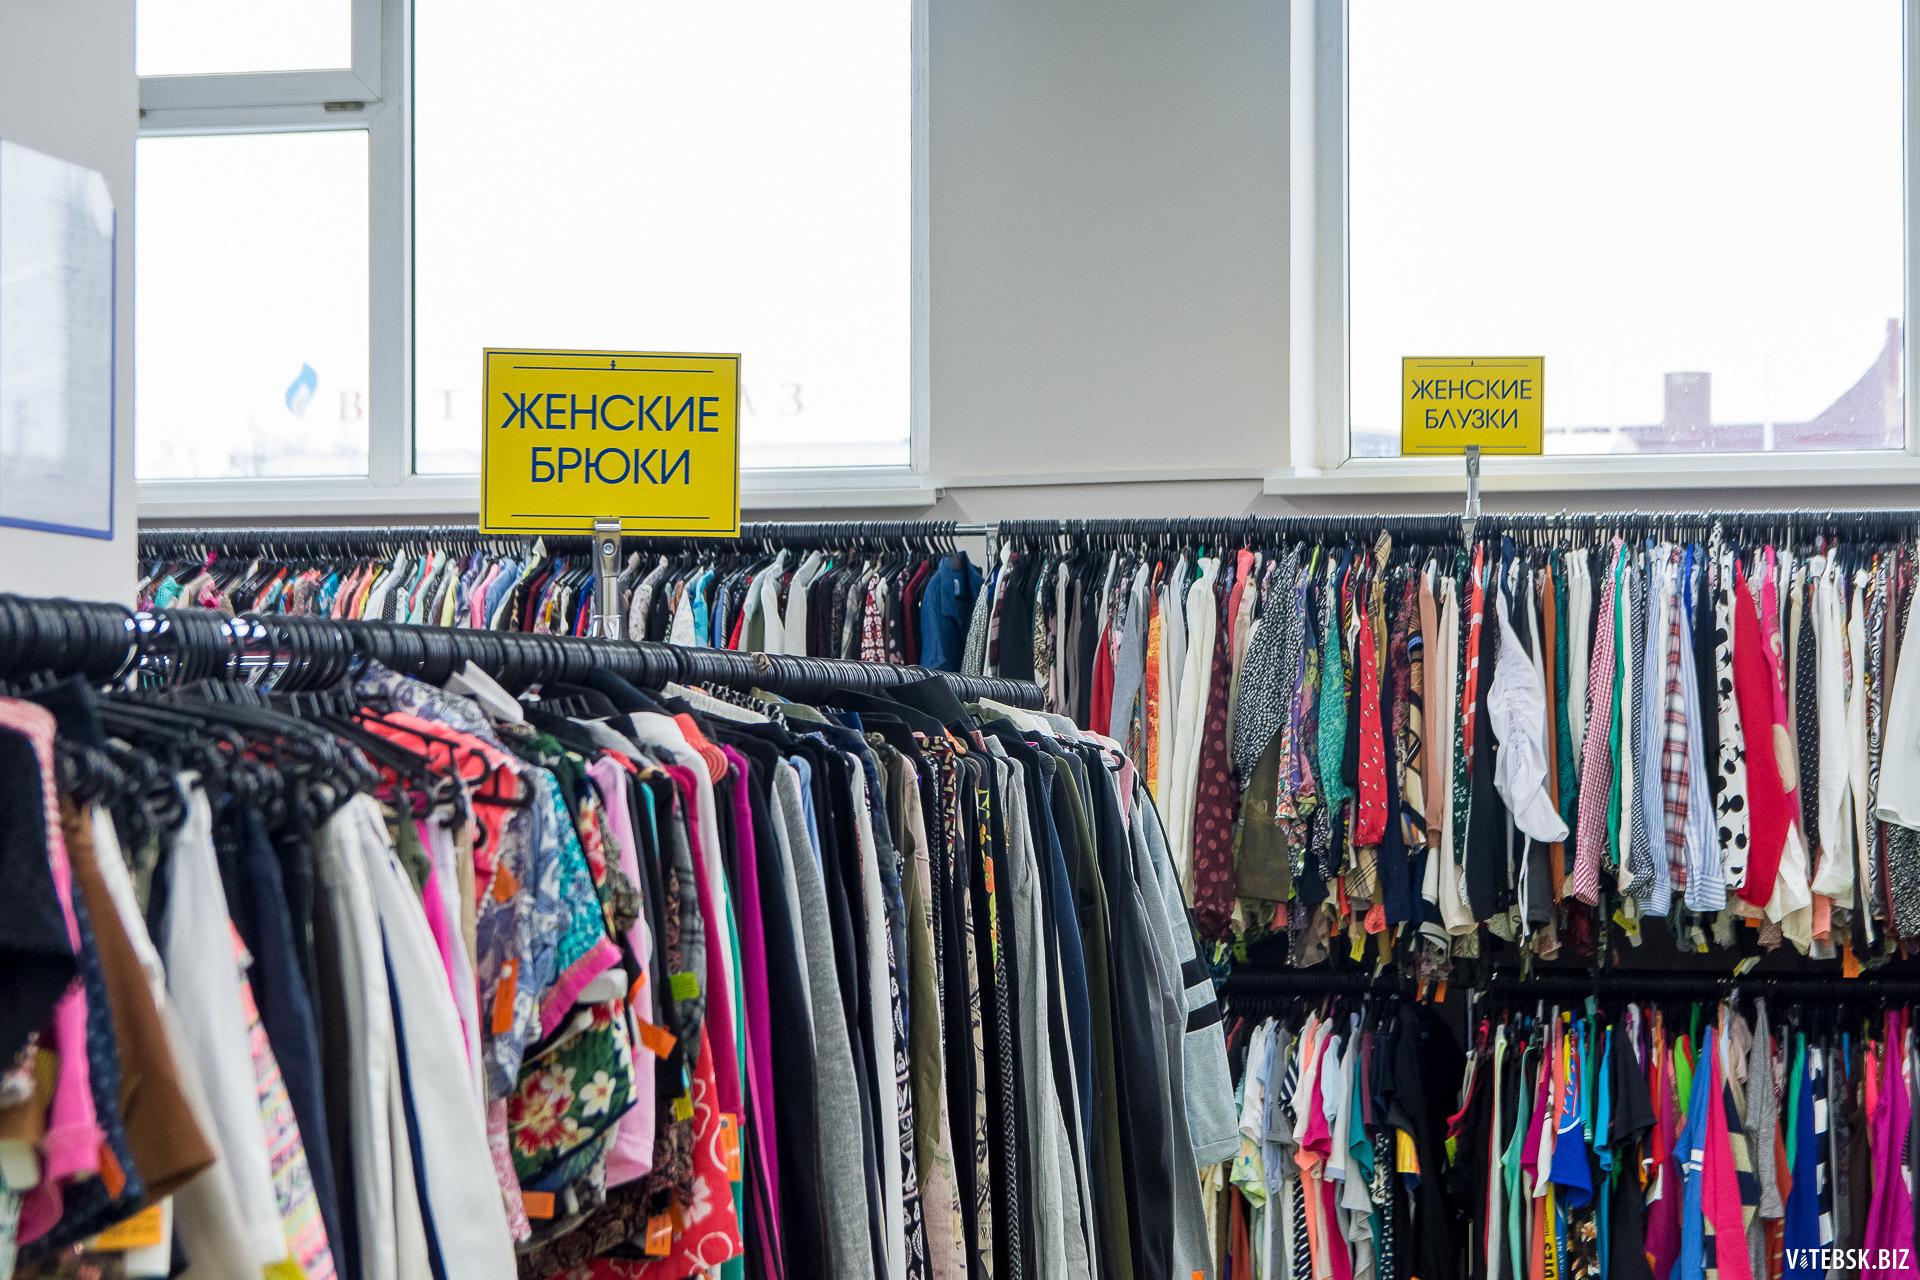 как правильно развешивать одежду в магазине фото